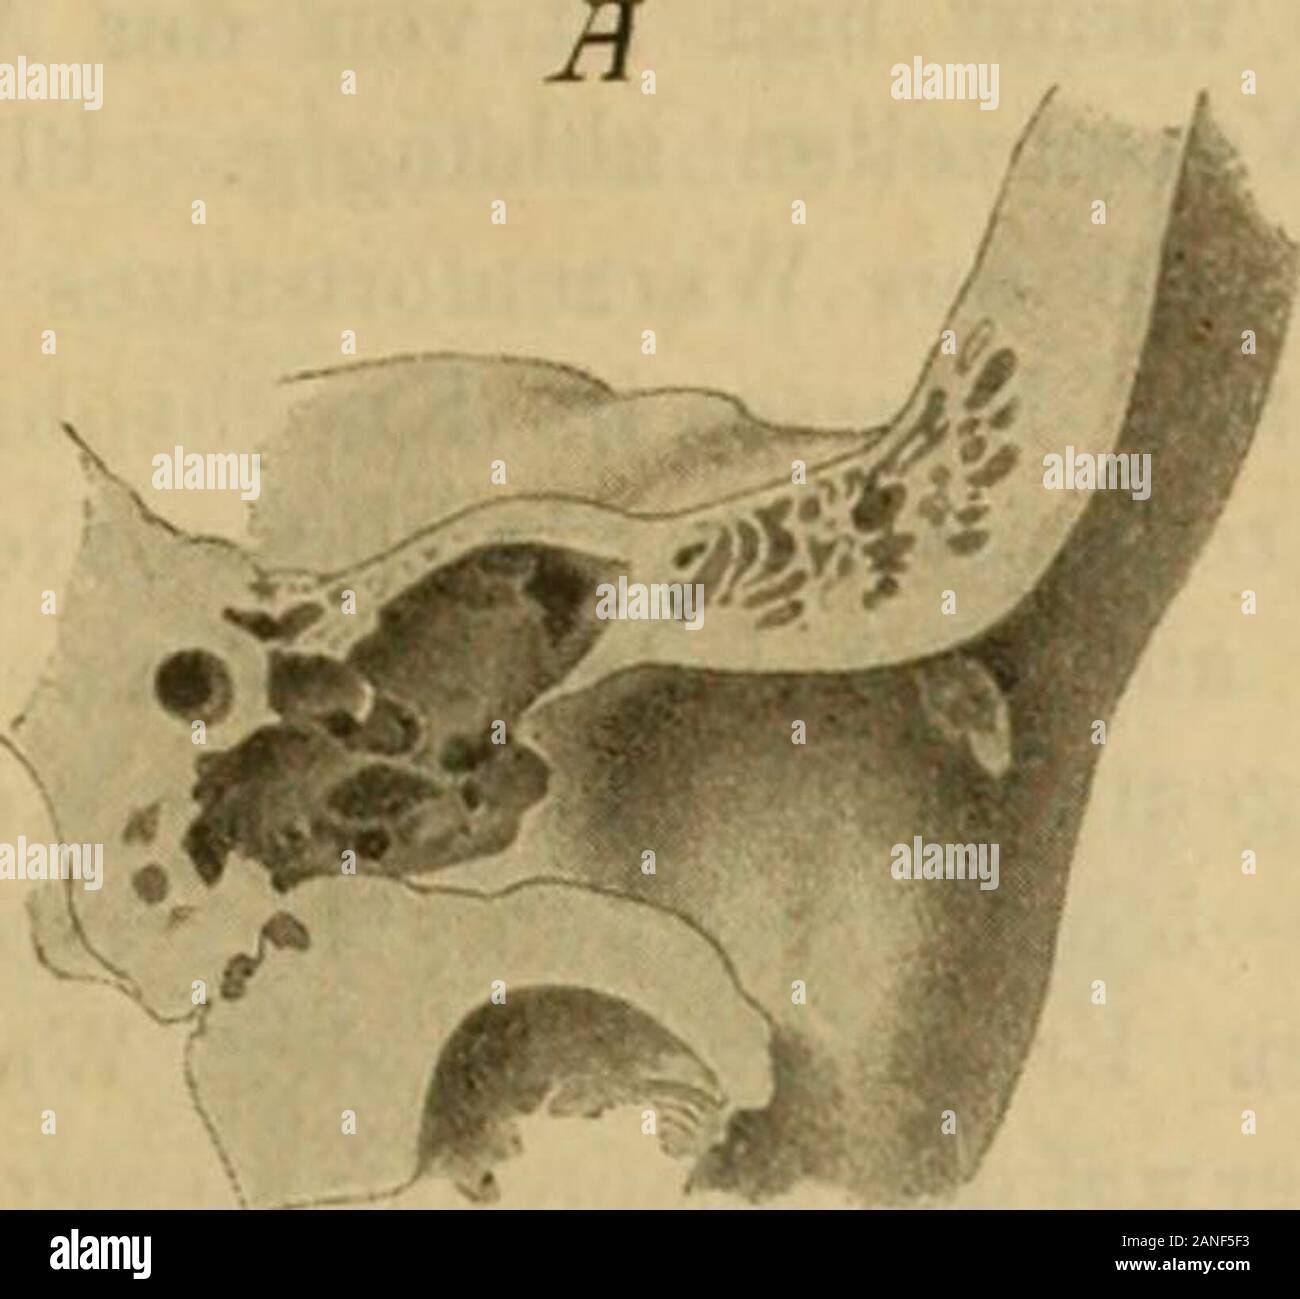 Handbuch der Ohrenheilkunde . tsatz beigestellt. Die obere Wand gehört dem horizontalen Theile der Schläfebein-schuppe an und trennt die Gehörgangslichtung von der mittleren Schädel-grube. Sie besteht aus zwei compacten Platten, einer oberen, der Schädel-höhle, und einer unteren, dem Gehörgang zugewendeten, zwischen welchensich als dritte Schichte pneumatische oder diploehaltige Spongiosa ein-schiebt. Die cerebrale Platte ist papierblattdünn, lang, aber schmal, zwischenSchläfebeinschuppe und Tegmen tympani eingeschoben und von diesemtheilweise schuppenartig überlagert, während die dickere unte Stock Photo